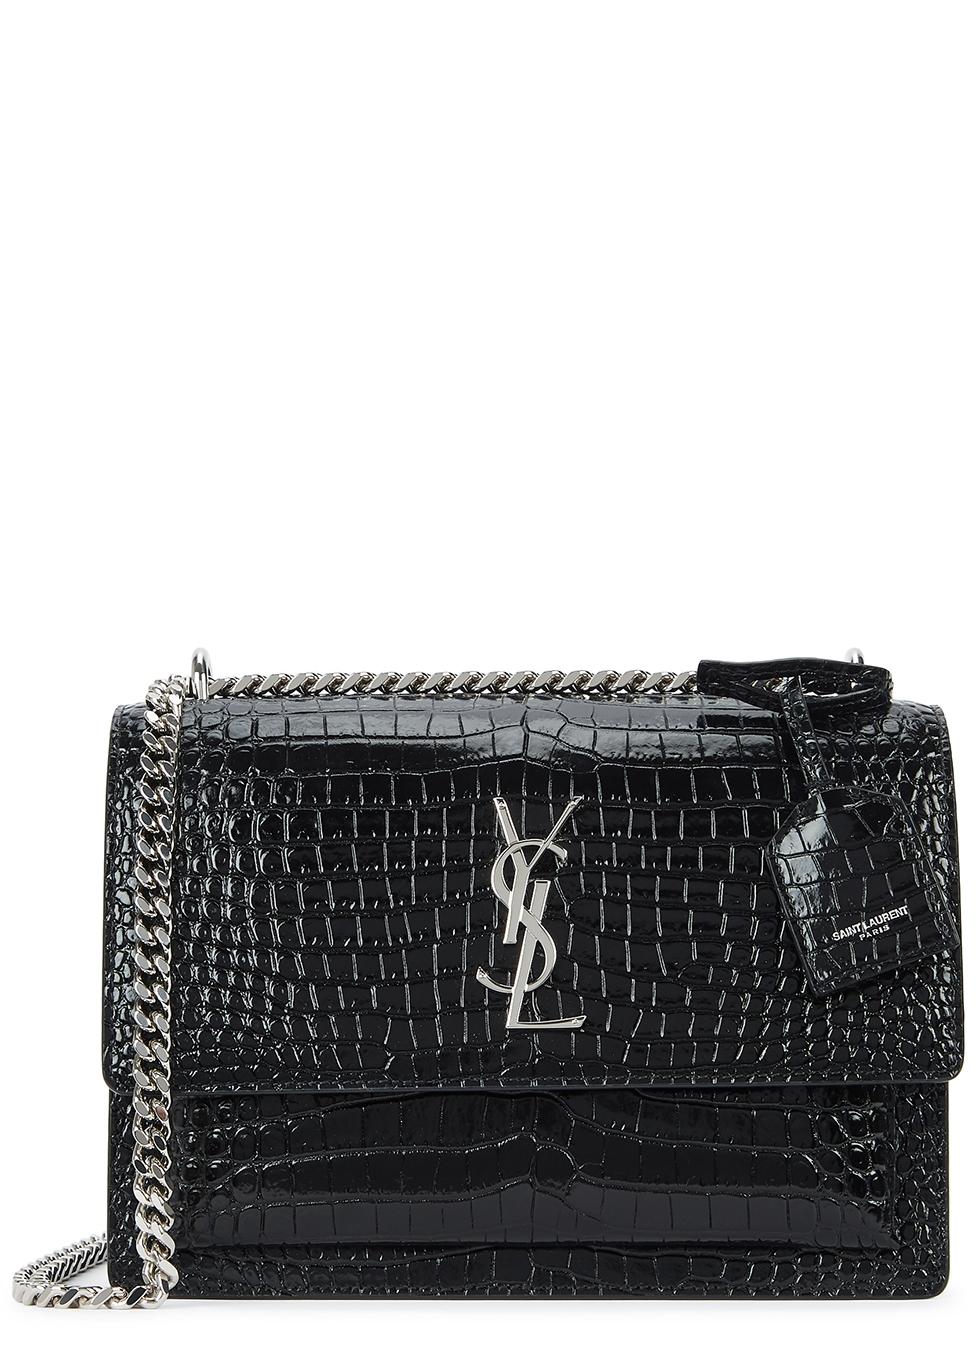 ba1b17af4a63 Saint Laurent Sunset black leather shoulder bag - Harvey Nichols